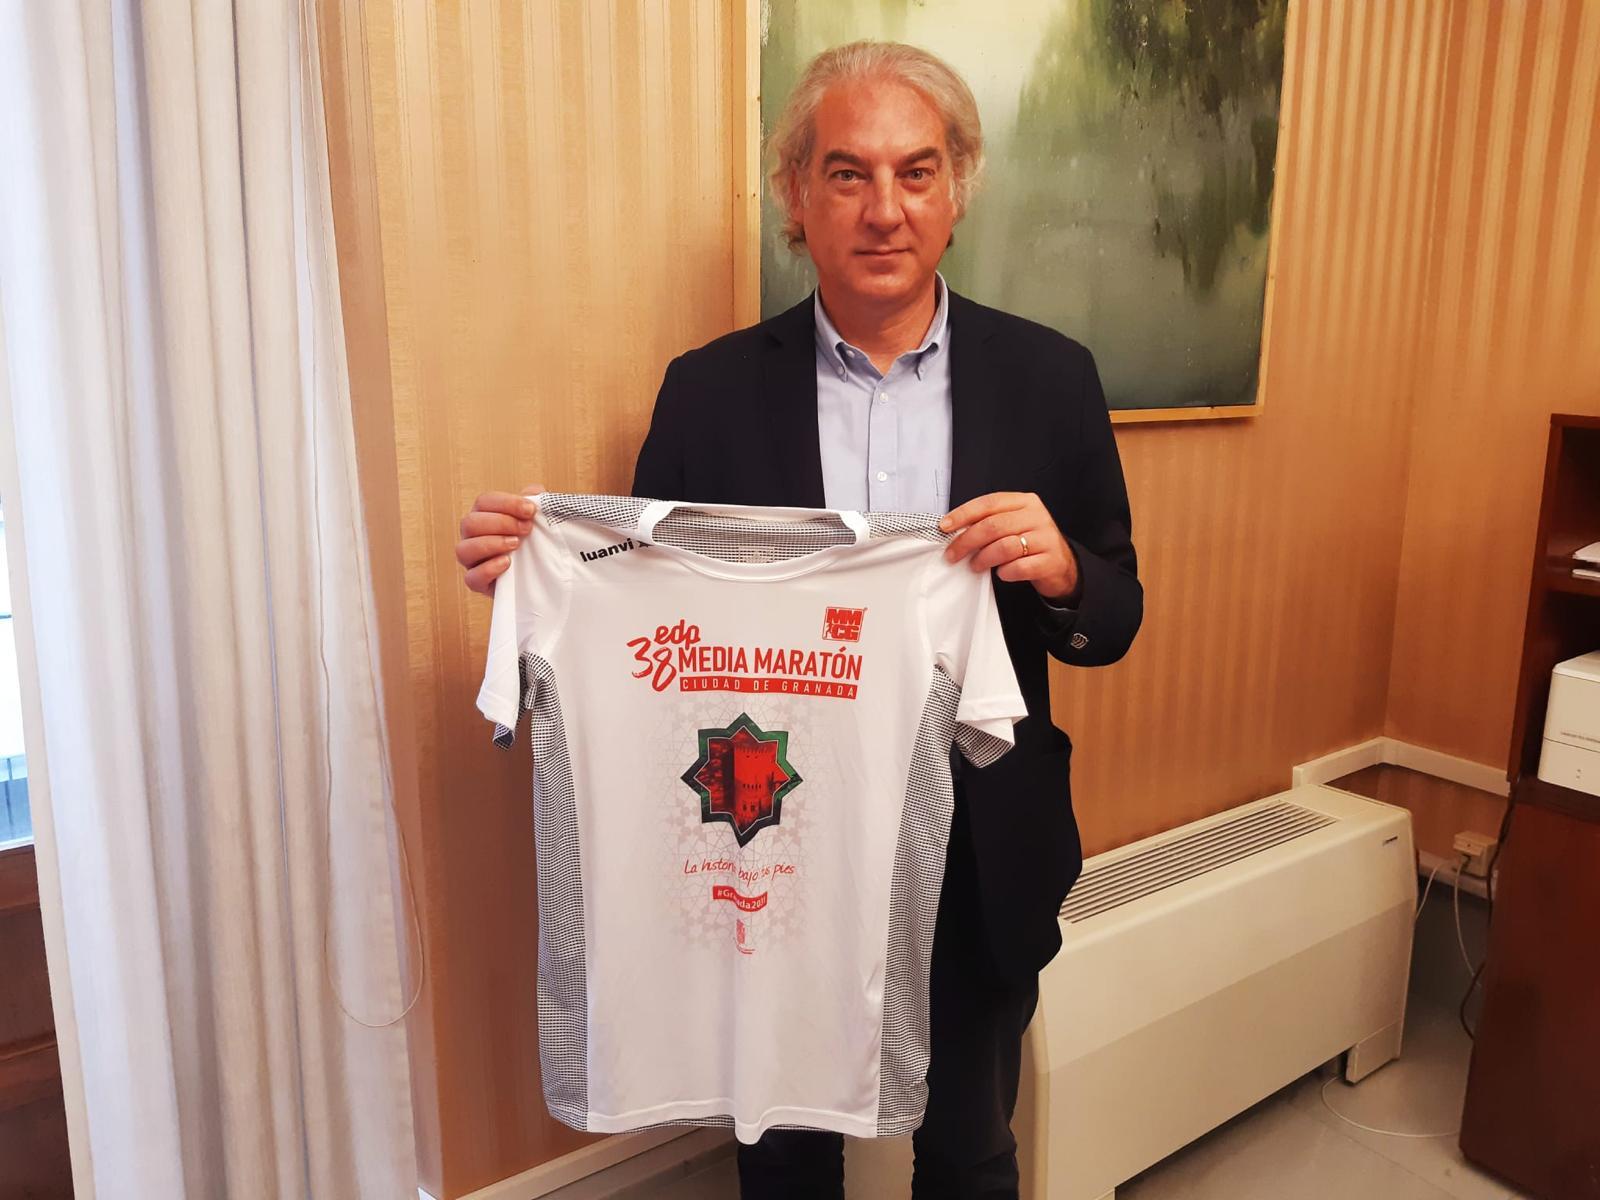 El Ayuntamiento regalará l camiseta a los inscritos en la media maratón de 2021